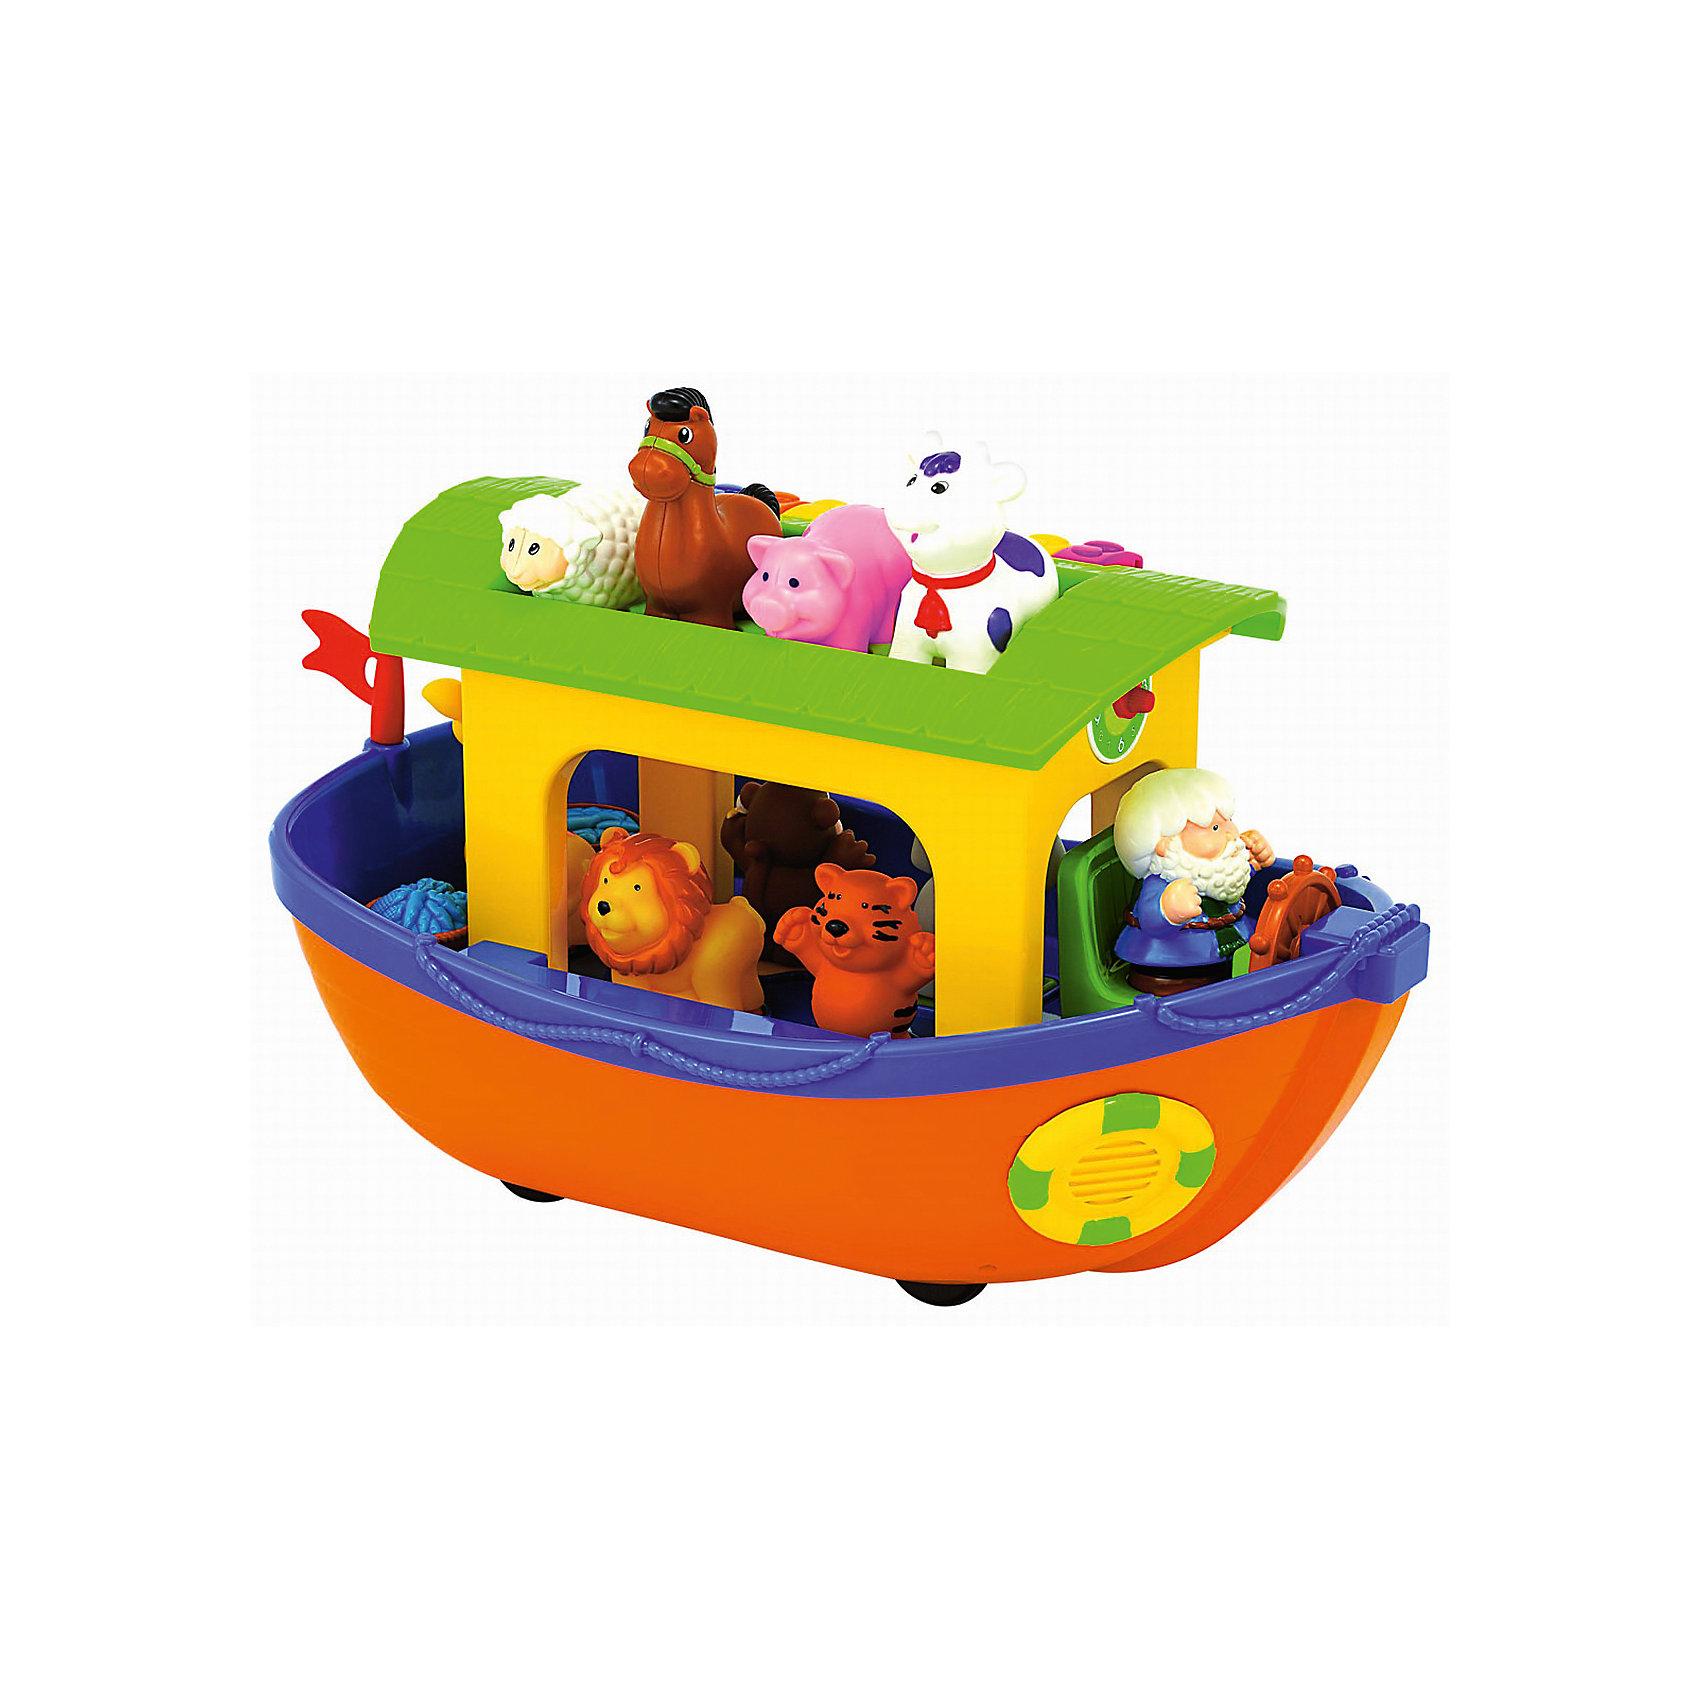 Kiddieland Развивающая игрушка Ноев ковчег, Kiddieland игрушка для животных каскад удочка с микки маусом 47 см